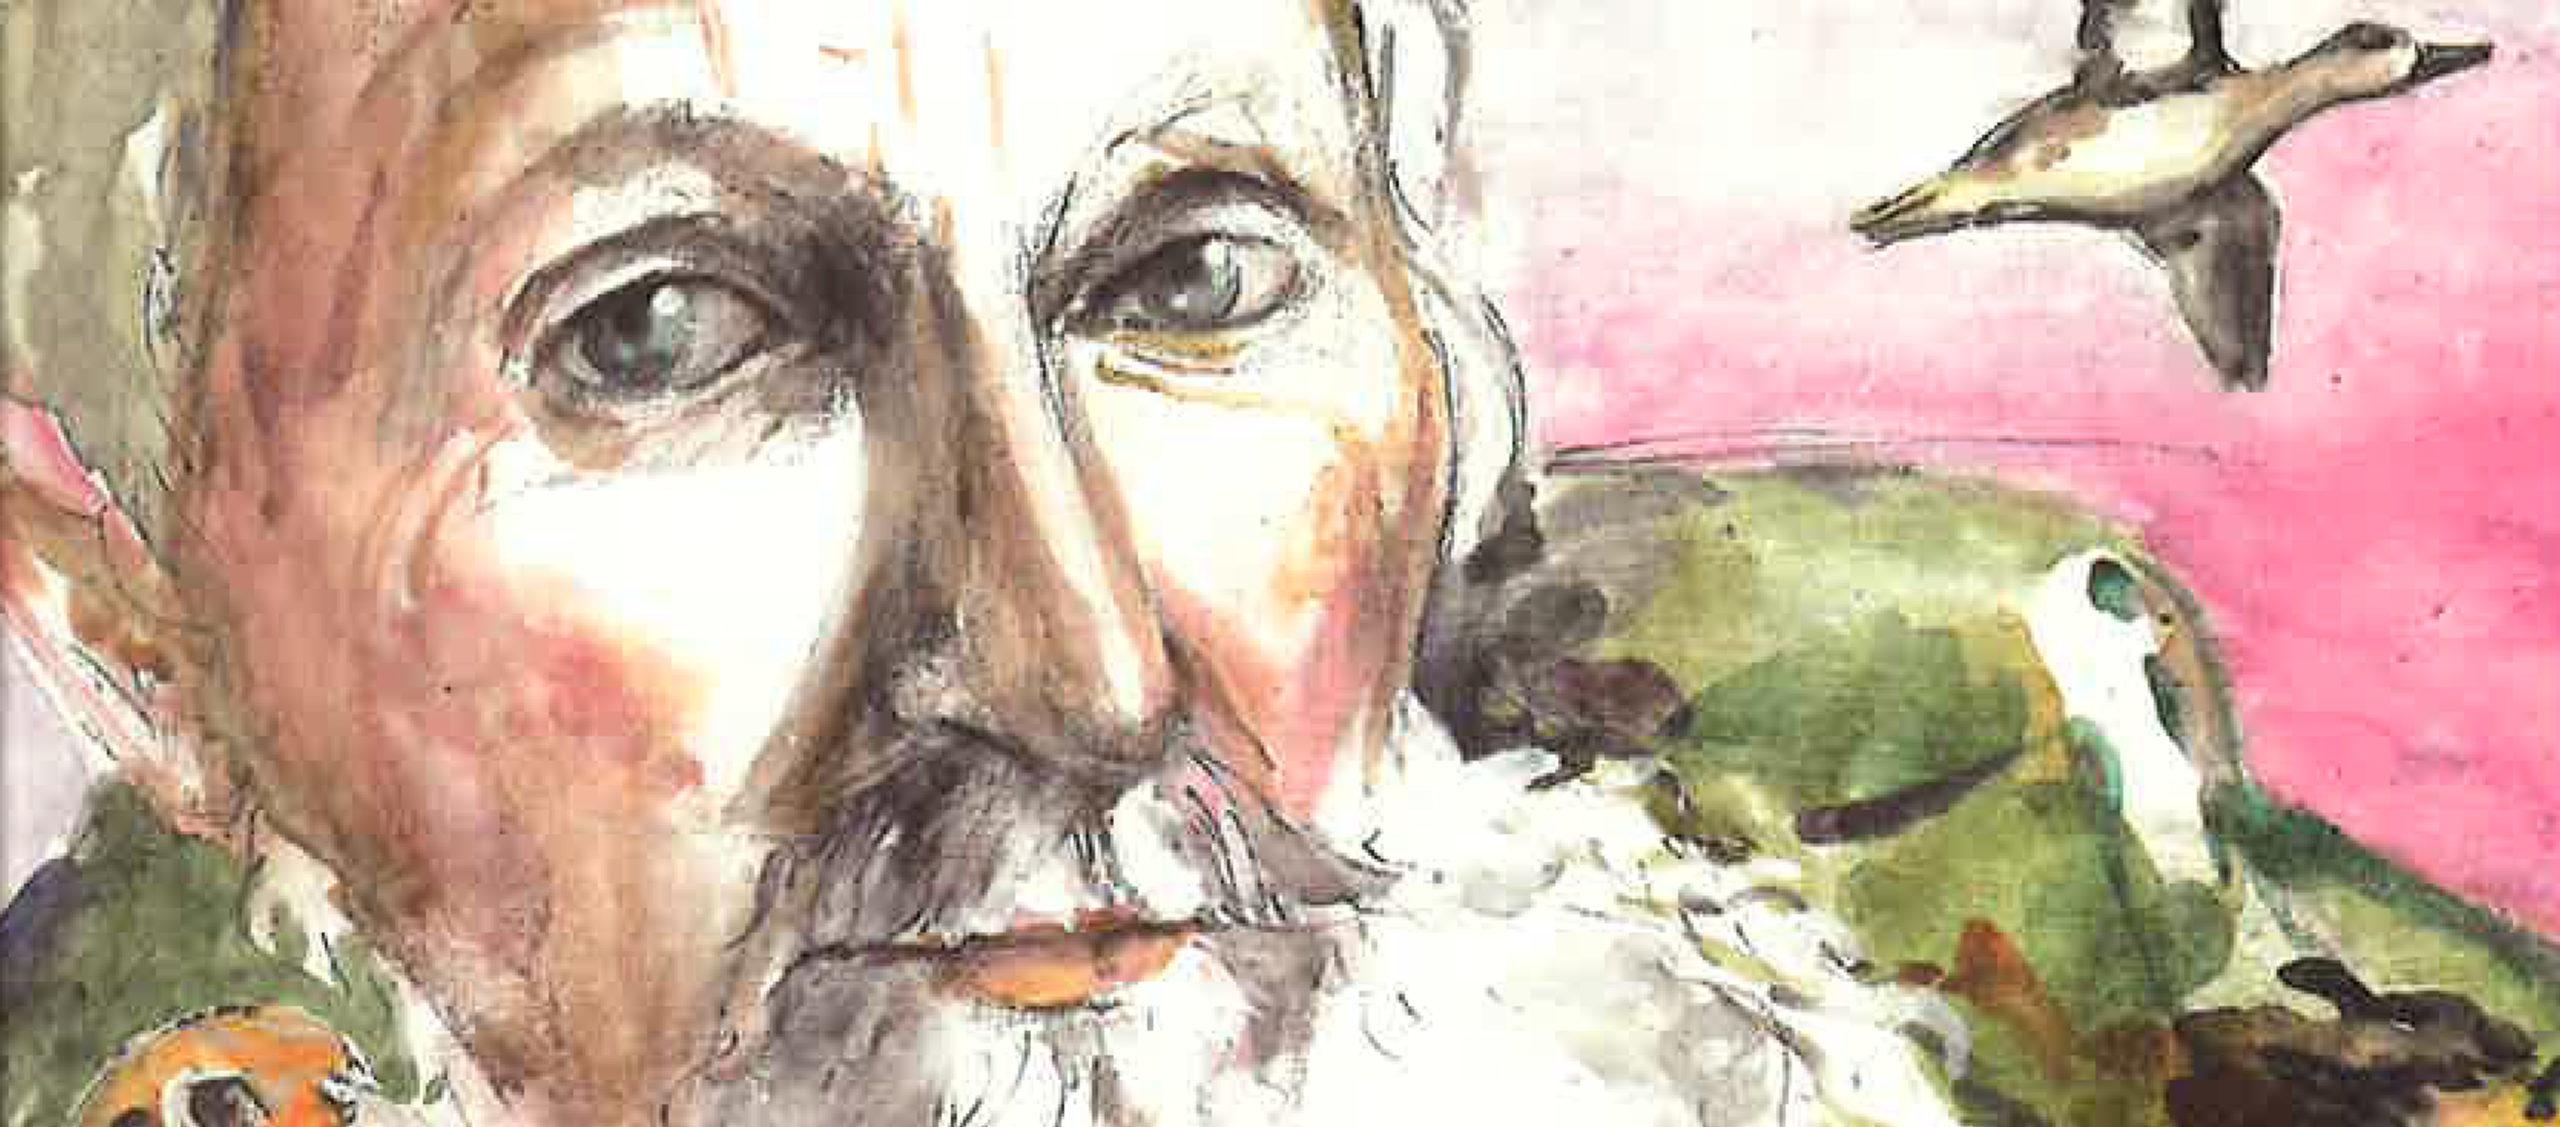 Il ricordo di Piero Cilotti: un medico appassionato di caccia e natura